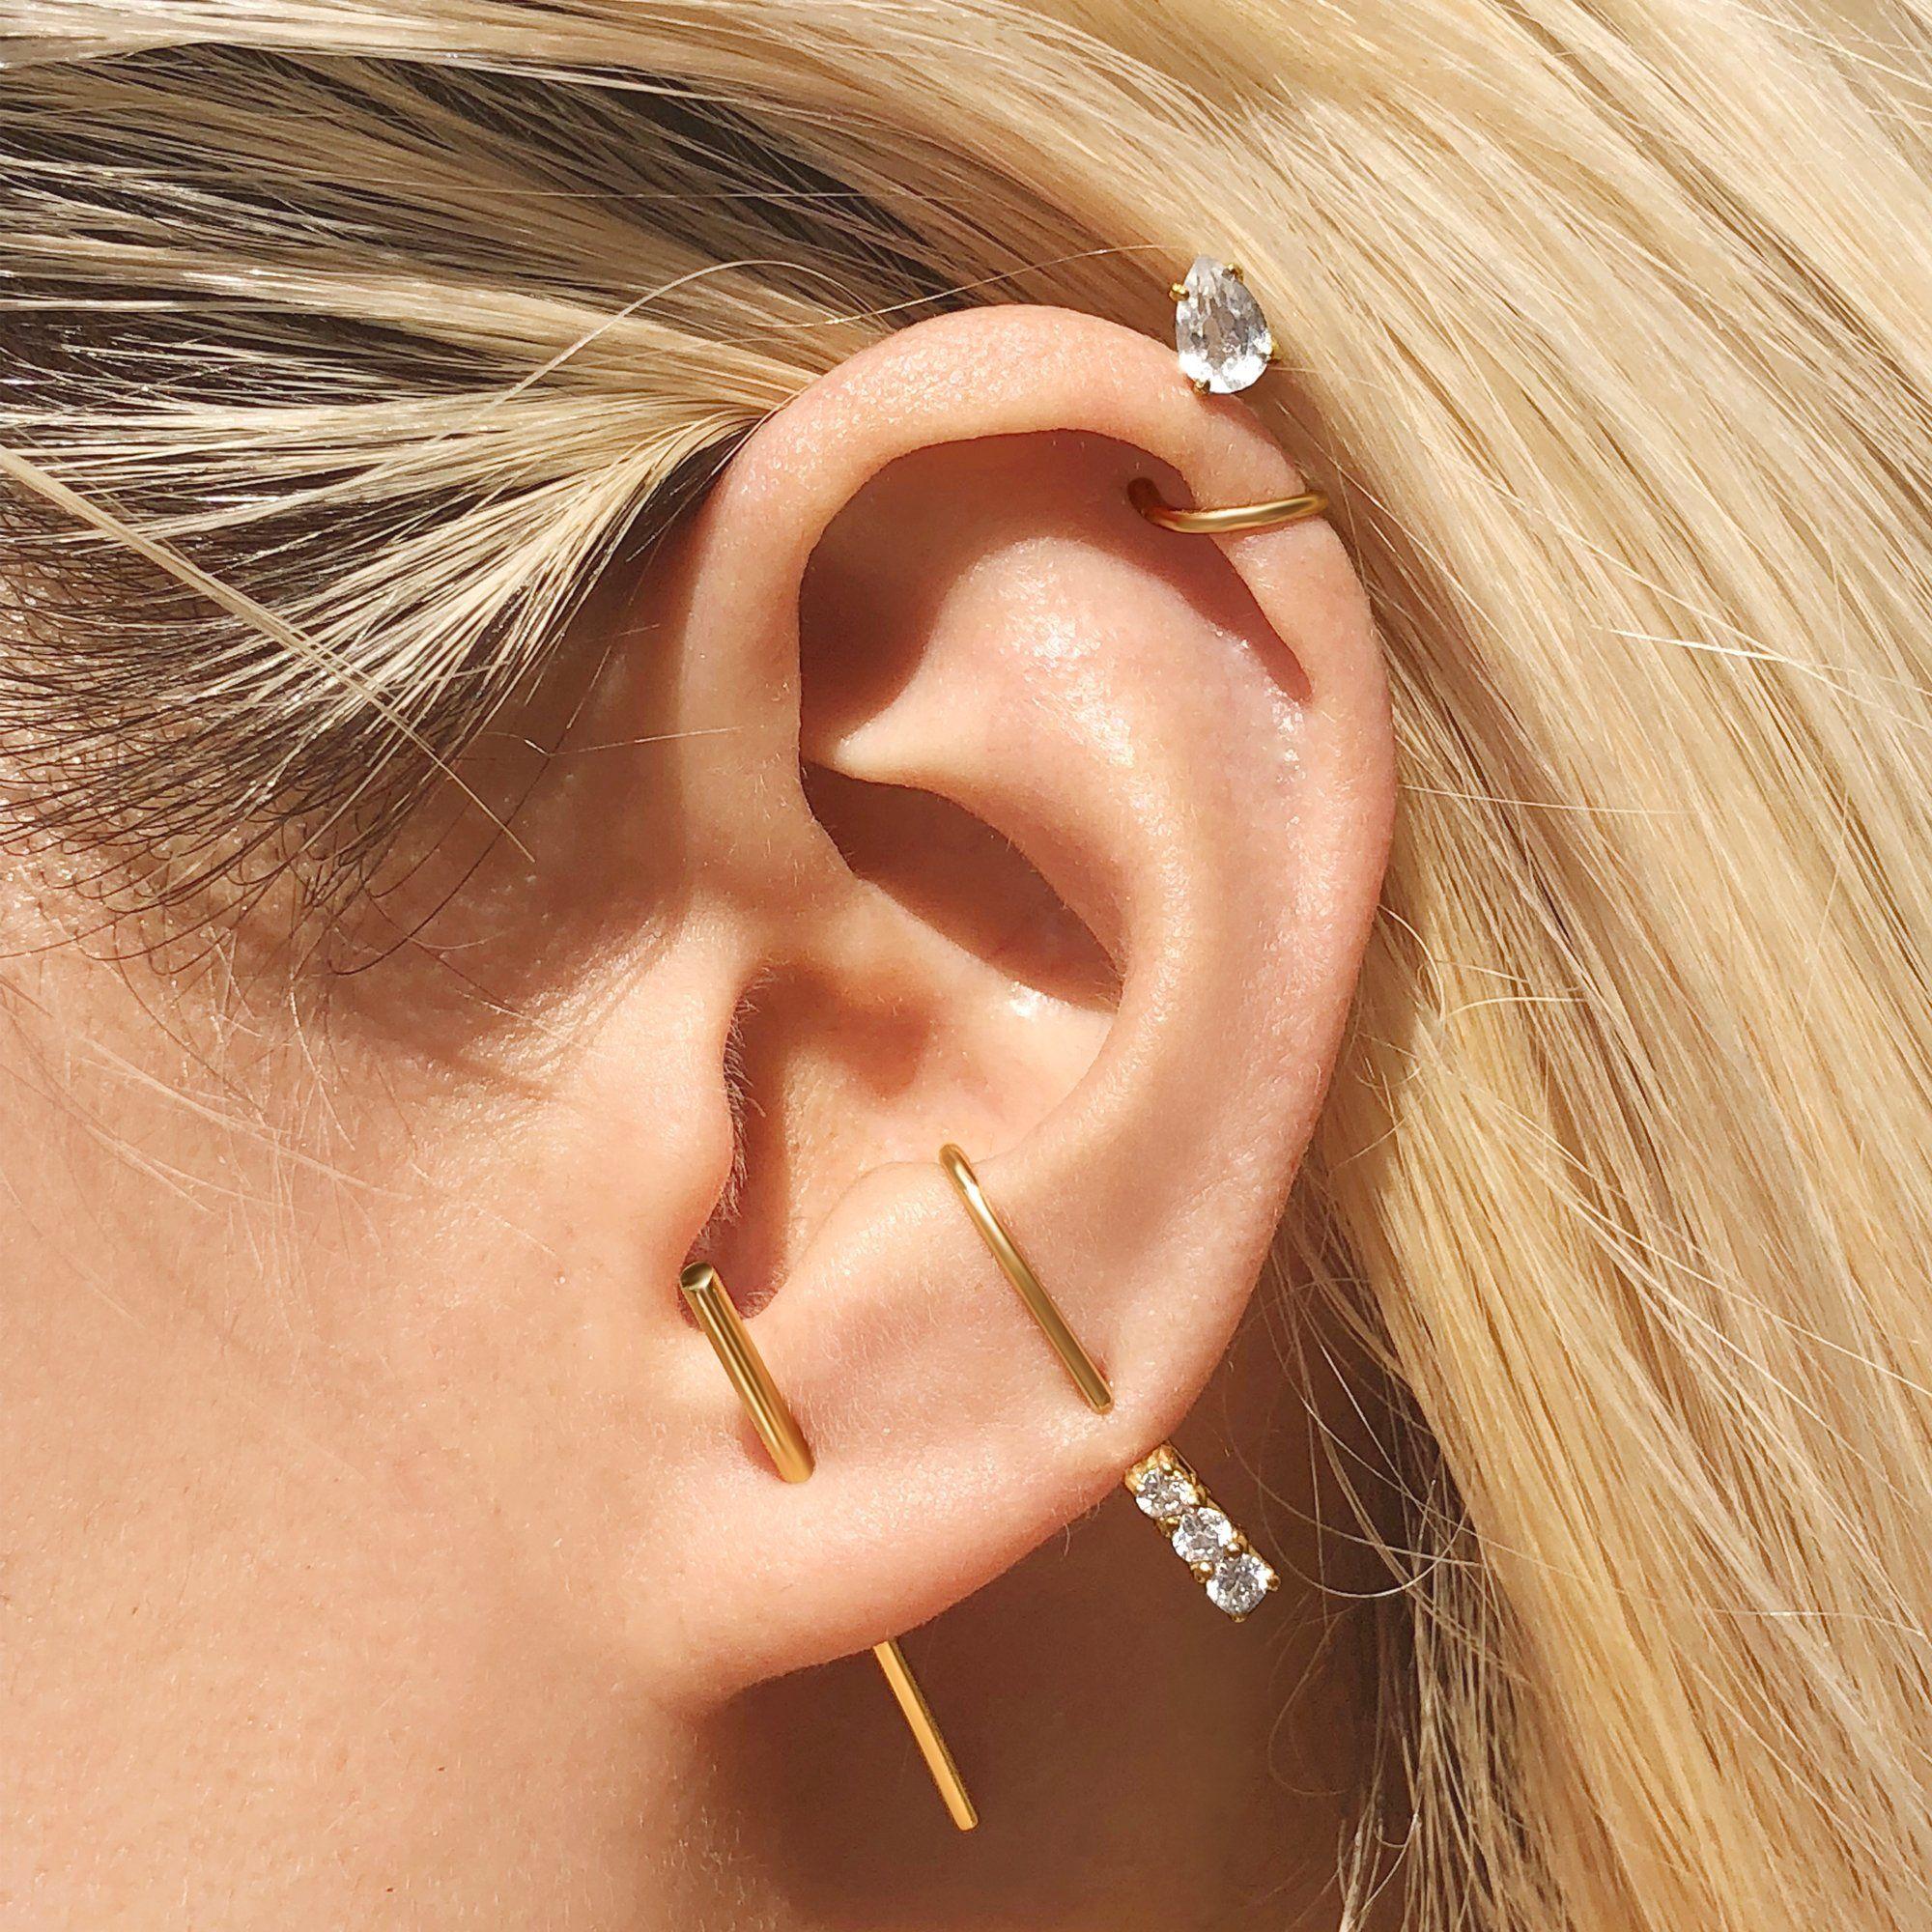 Dual Diamond Suspender Earring Ear Jewelry Suspender Earrings Stick Earrings